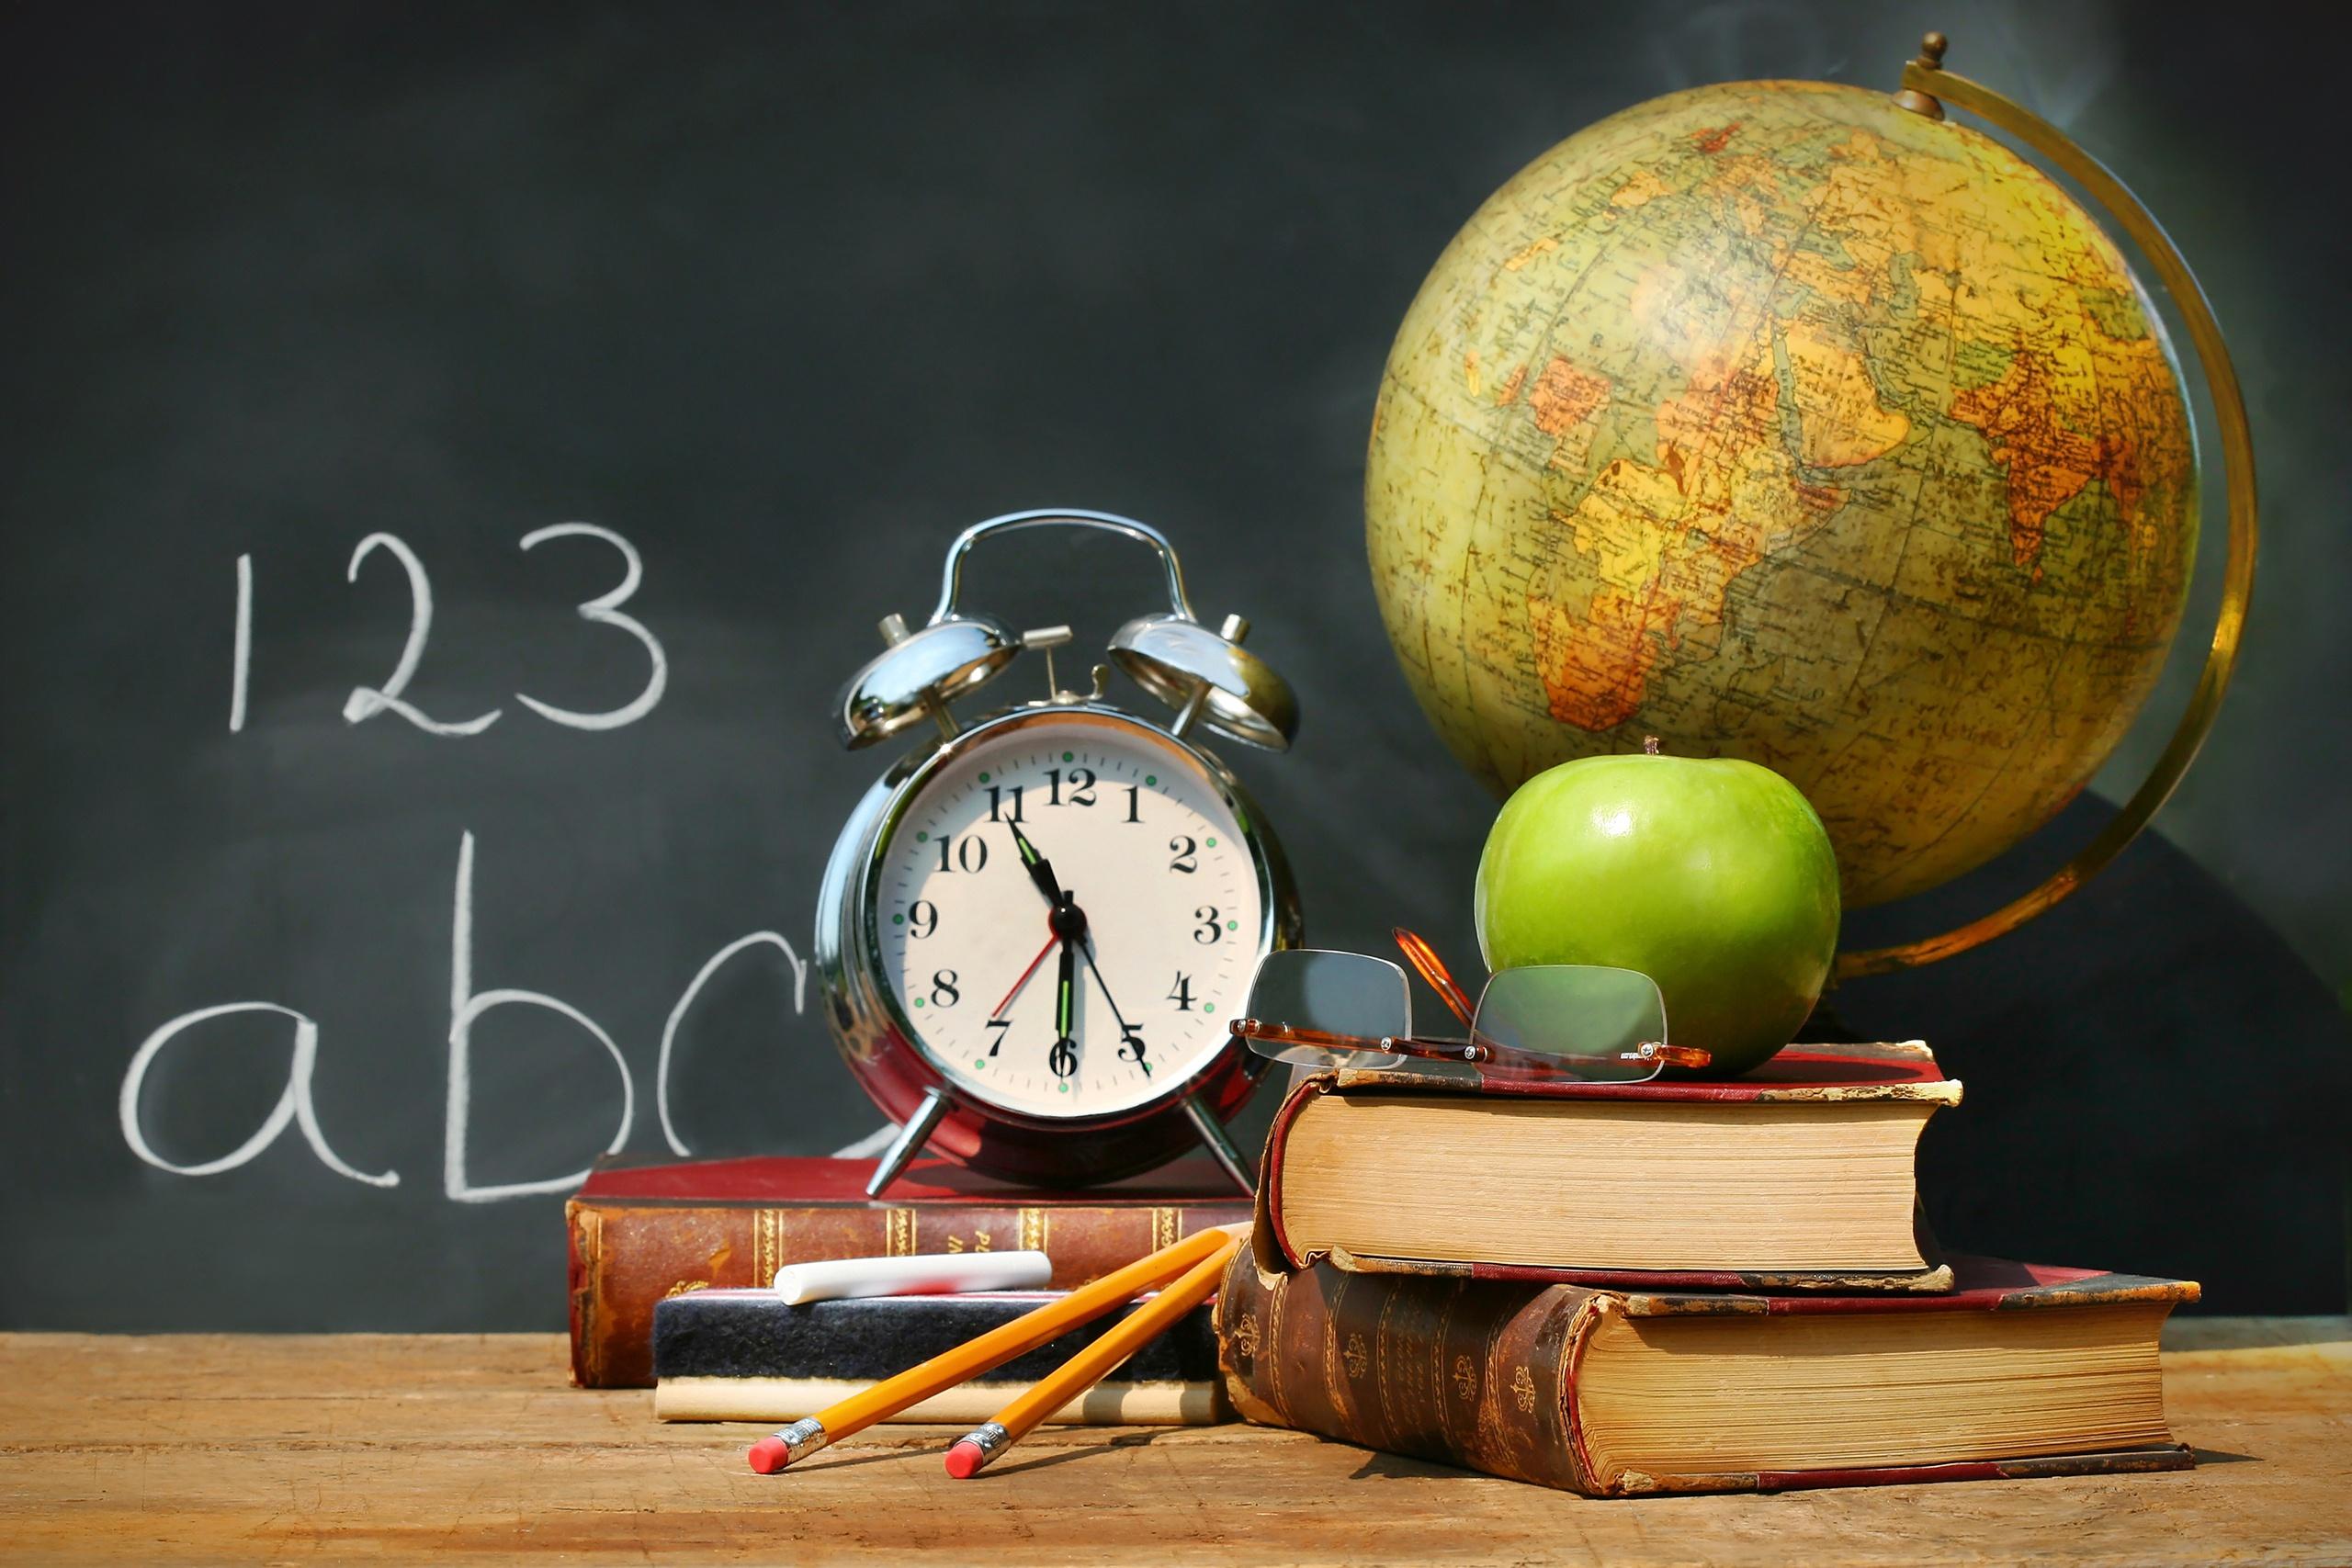 Открытки школьная тематика